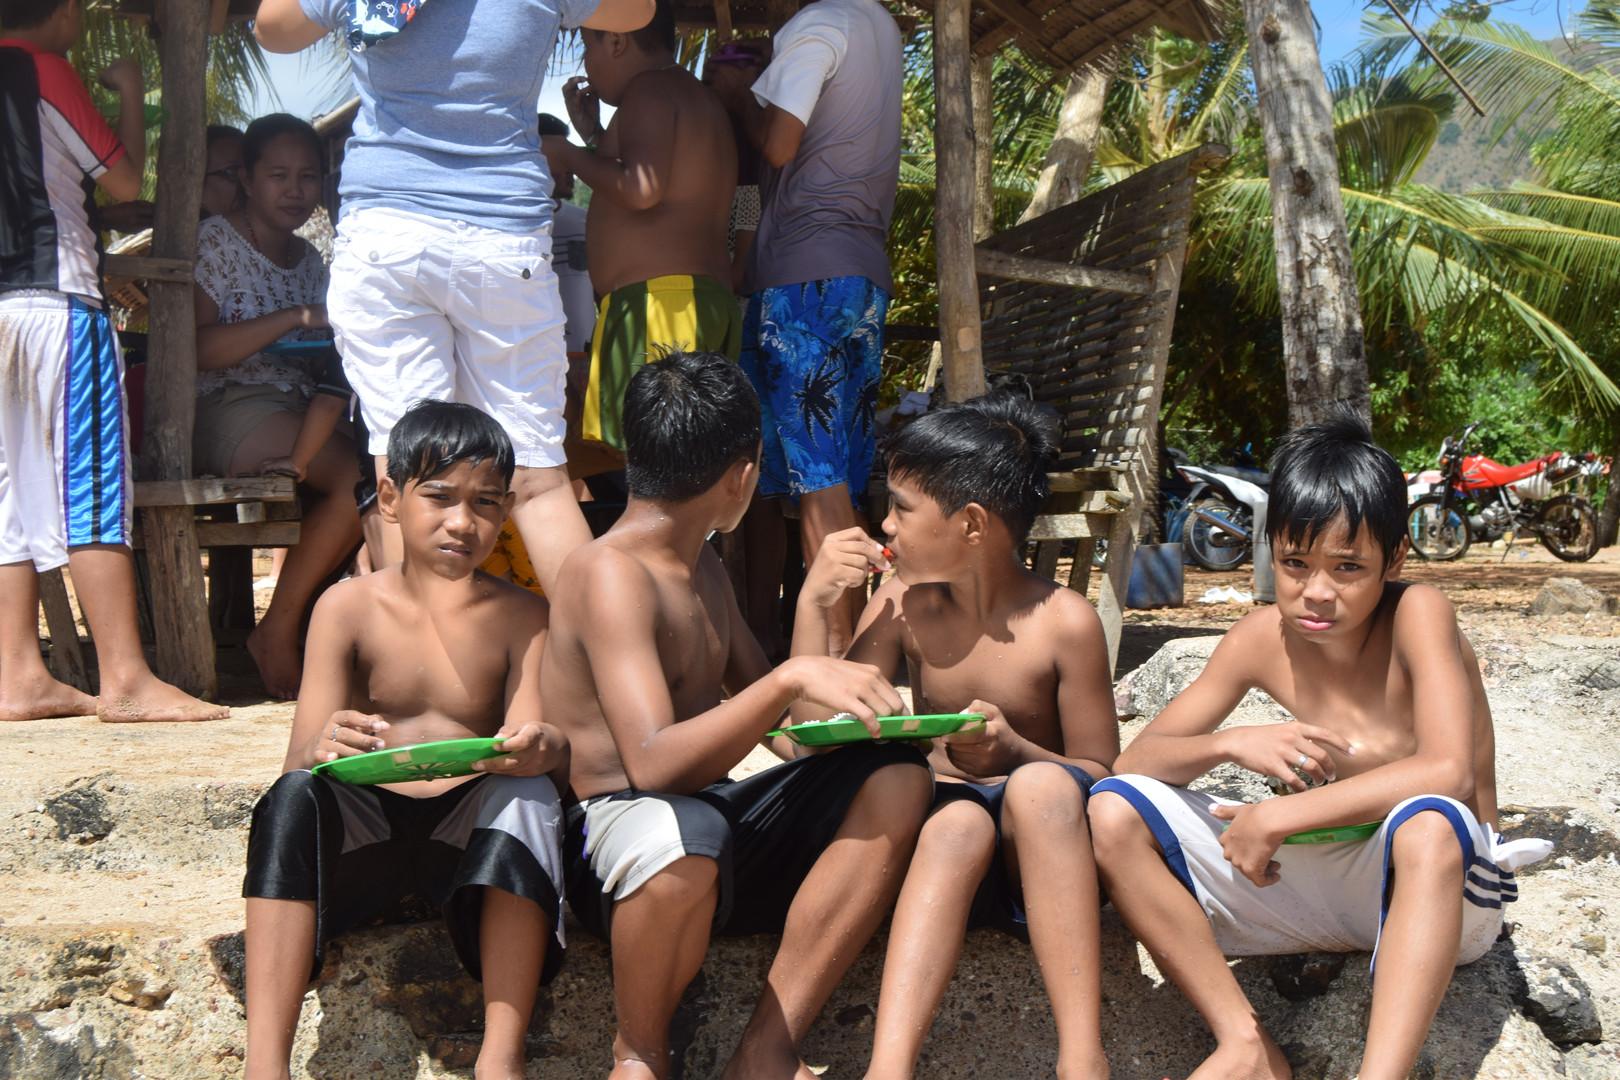 Kids in Cebu